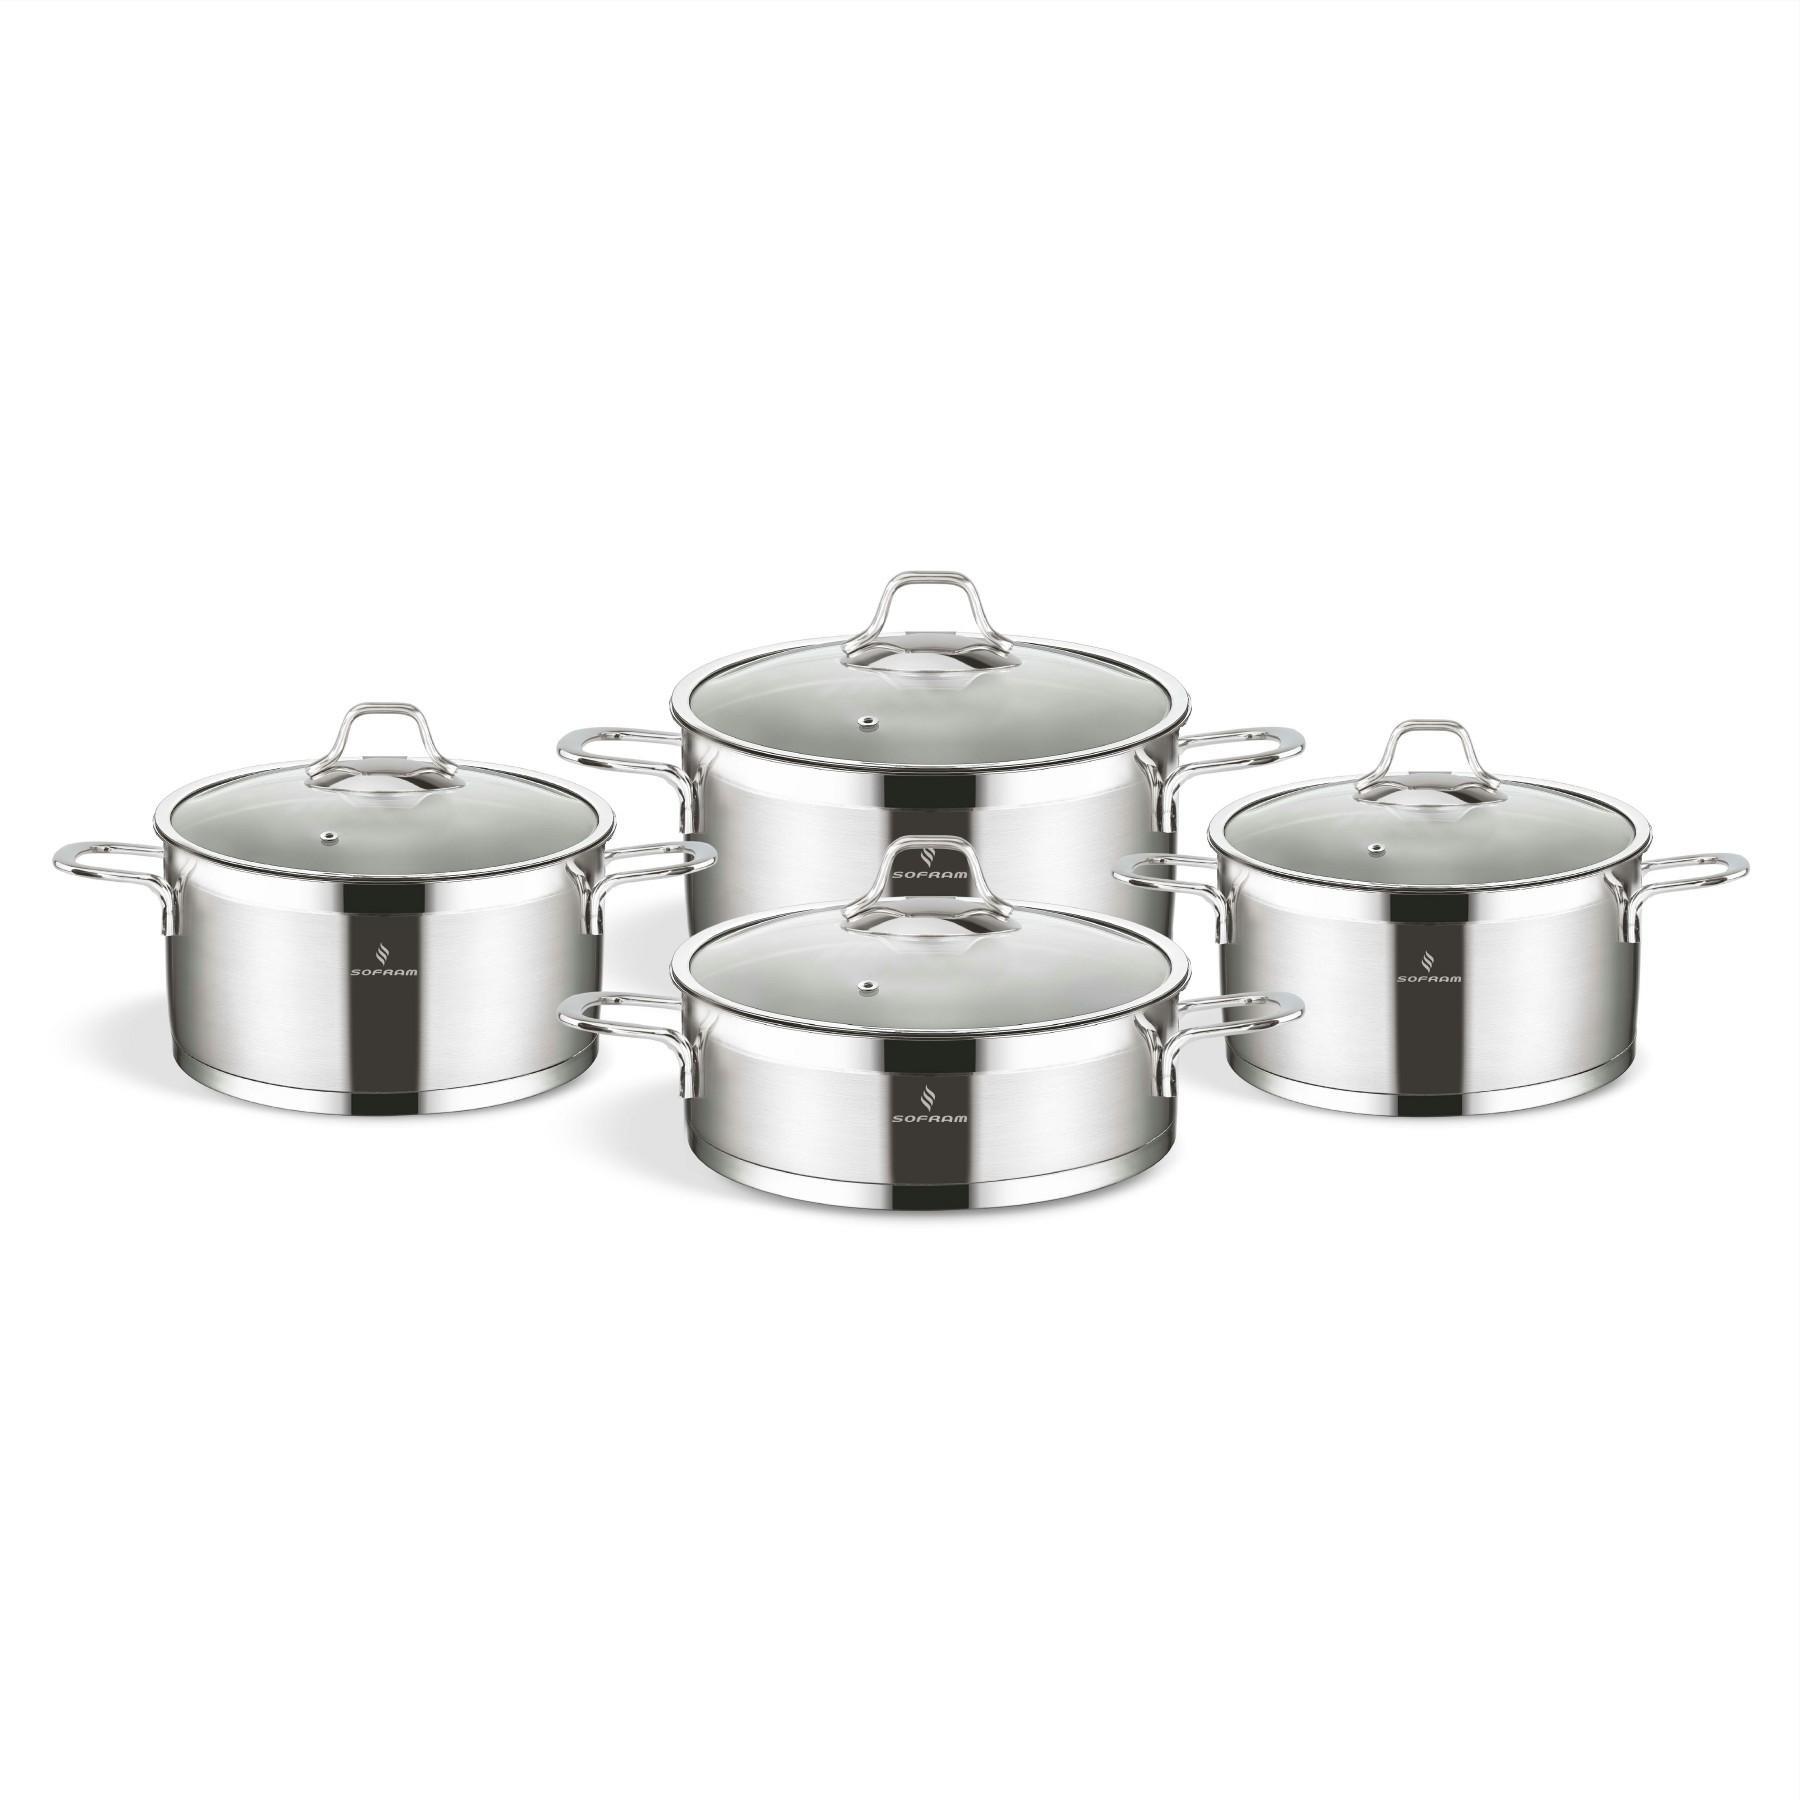 Sofram TETRA 8 Pieces Cookware Set